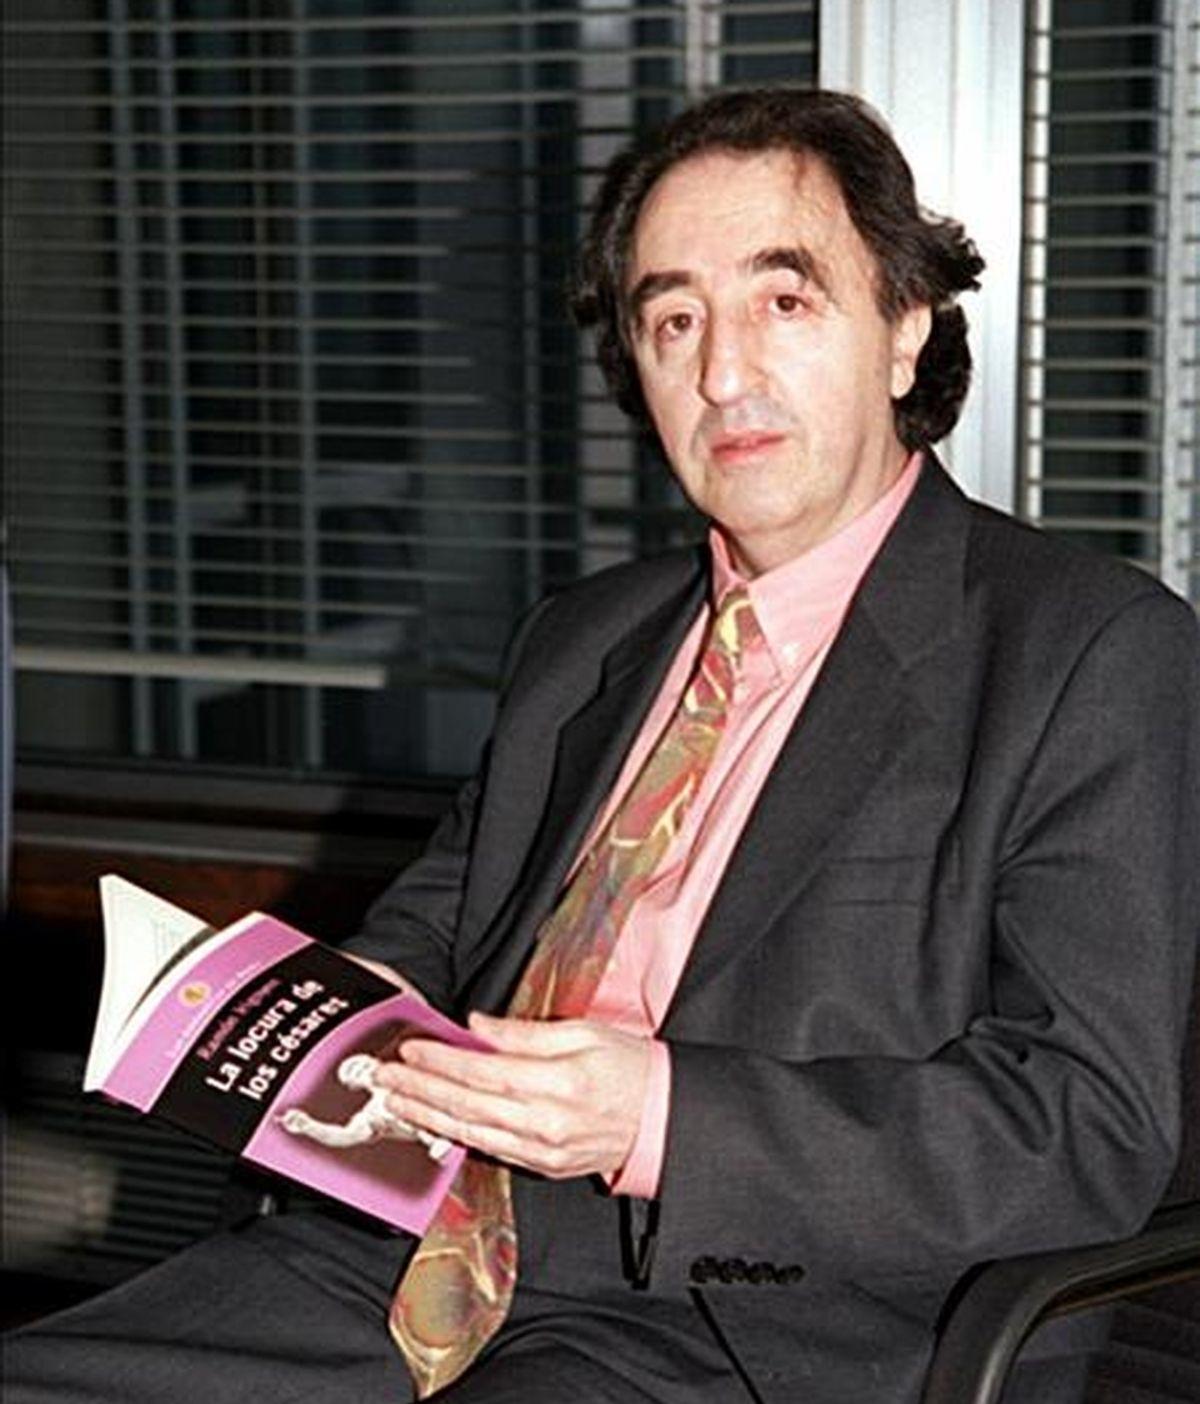 """Fotografía fechada el 26 de enero de 1999 del escritor Ramón Irigoyen con un ejemplar de su libro """"La locura de los Césares"""", durante la entrevista concedida a la Agencia EFE en Madrid. EFE/Archivo"""